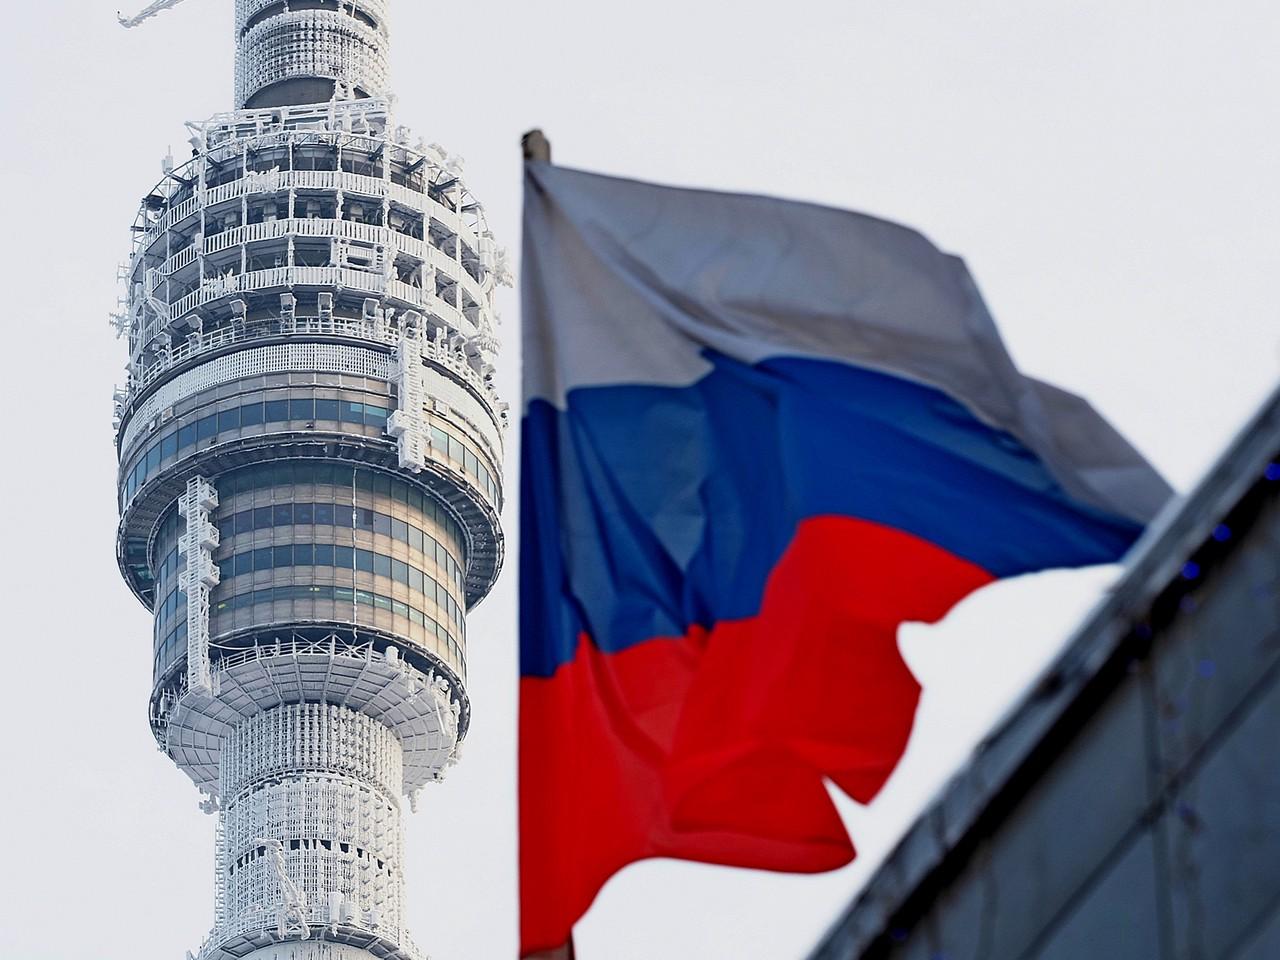 Ветреная погода ожидается в Москве